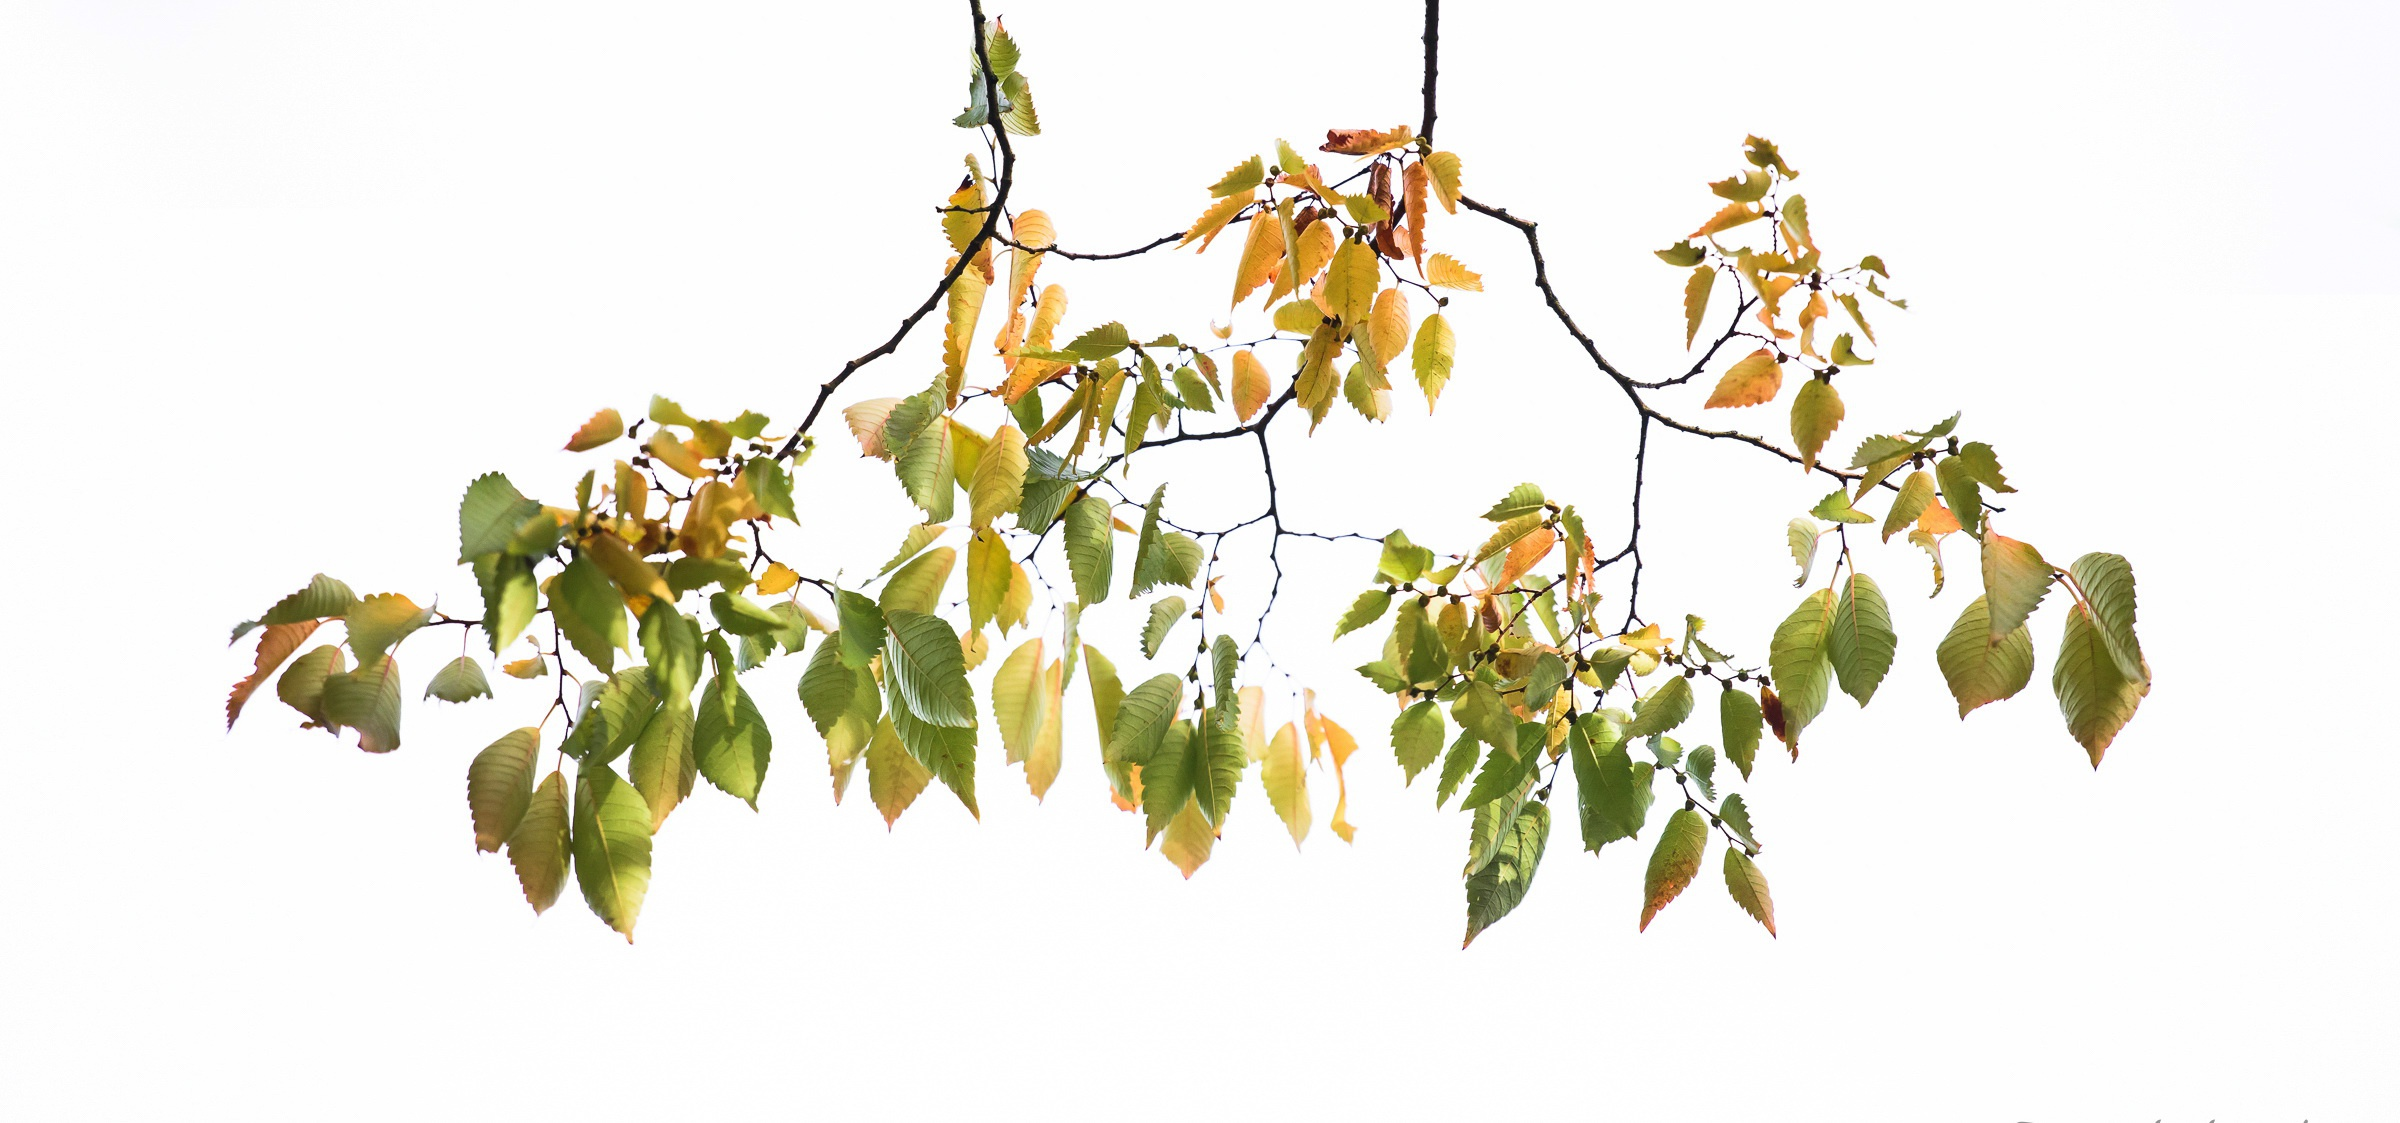 ветка с листьями  № 3792436 без смс